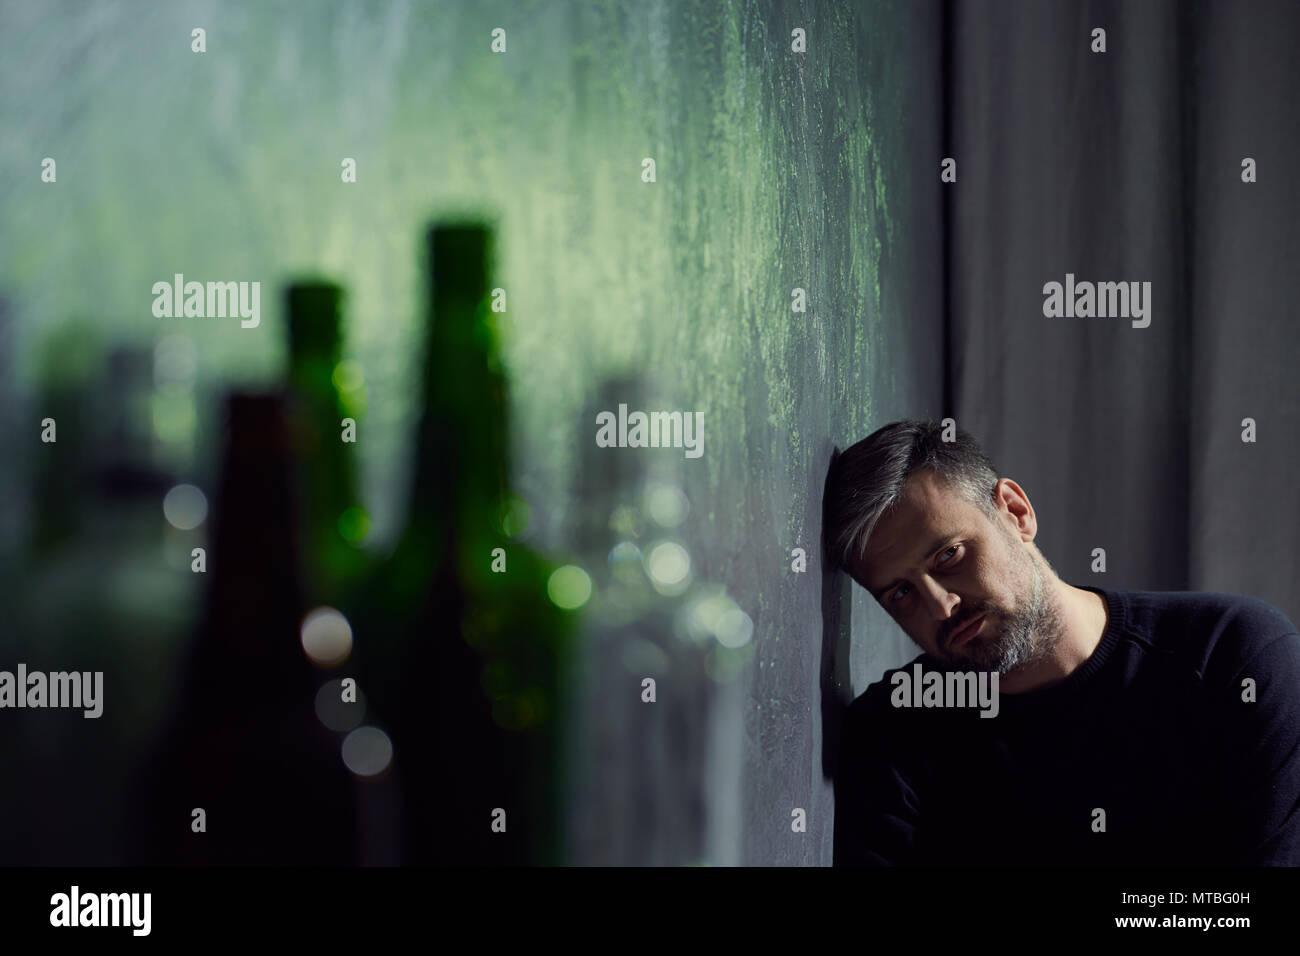 Menschen, die unter Depressionen leiden, die mit leeren Flaschen Alkohol Stockbild